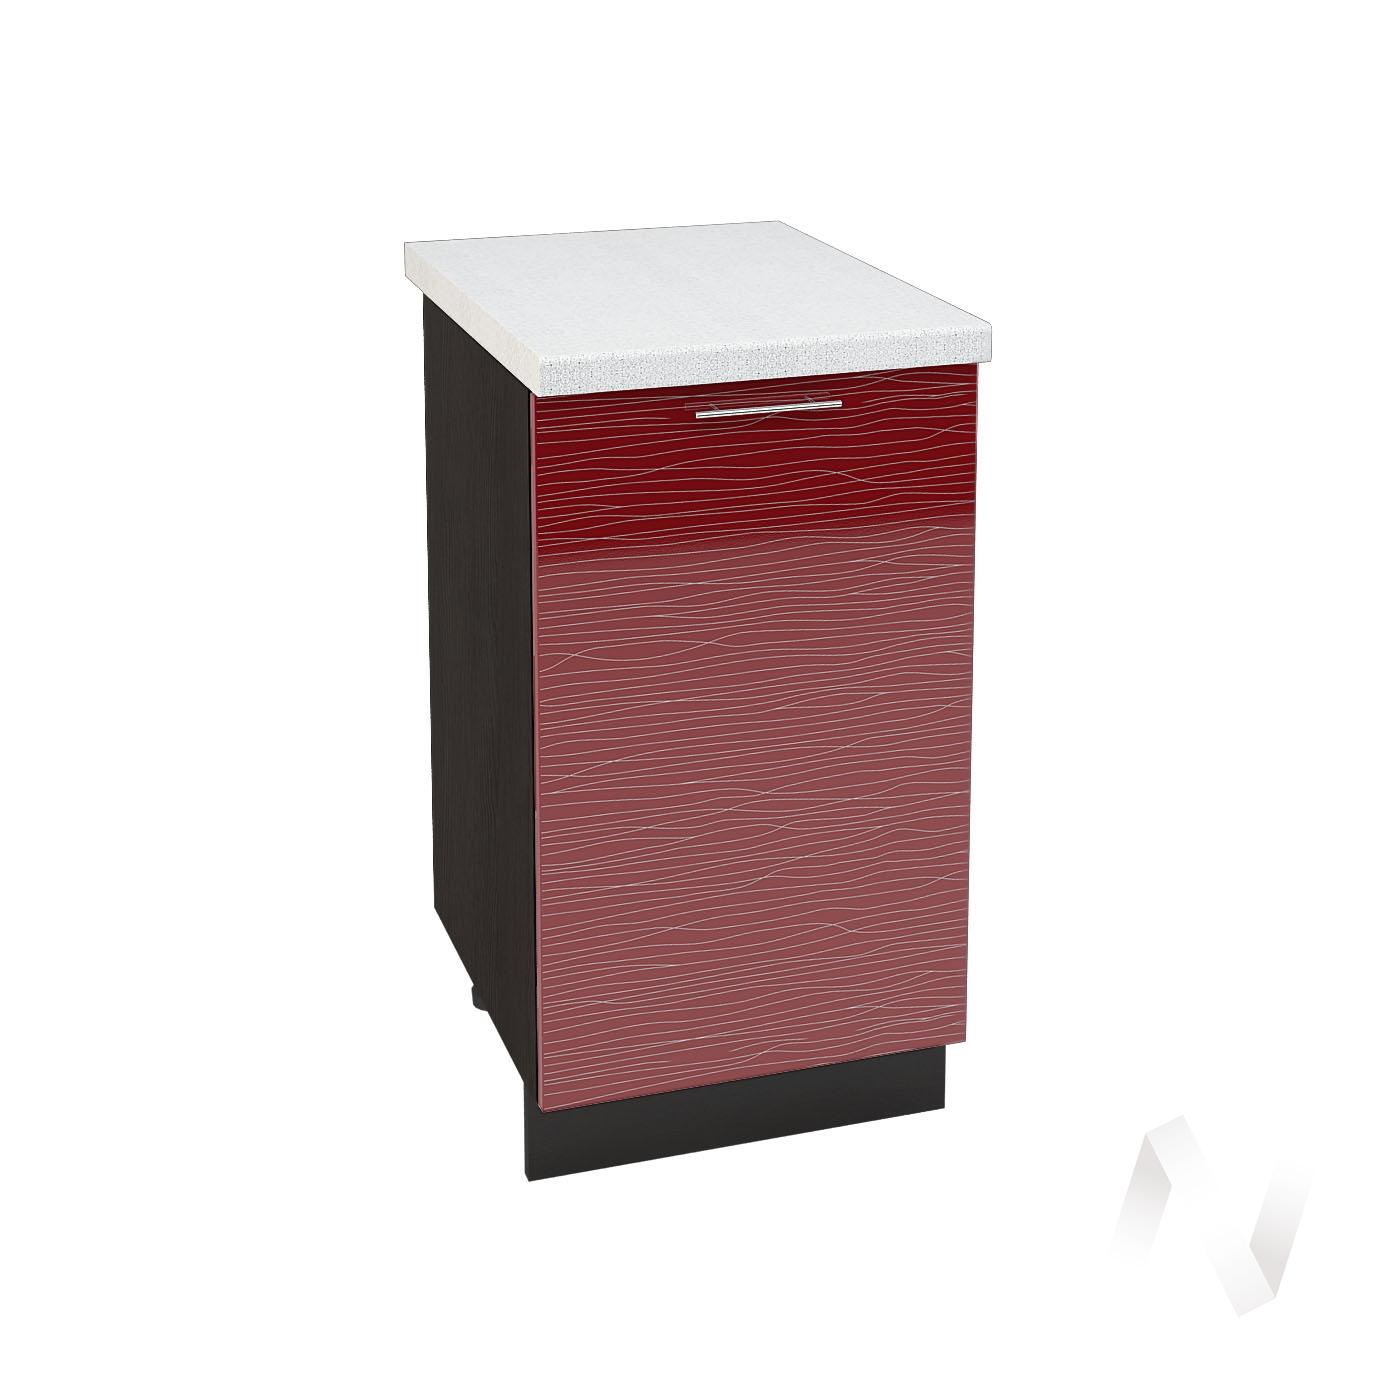 """Кухня """"Валерия-М"""": Шкаф нижний 450, ШН 450 (Страйп красный/корпус венге)"""